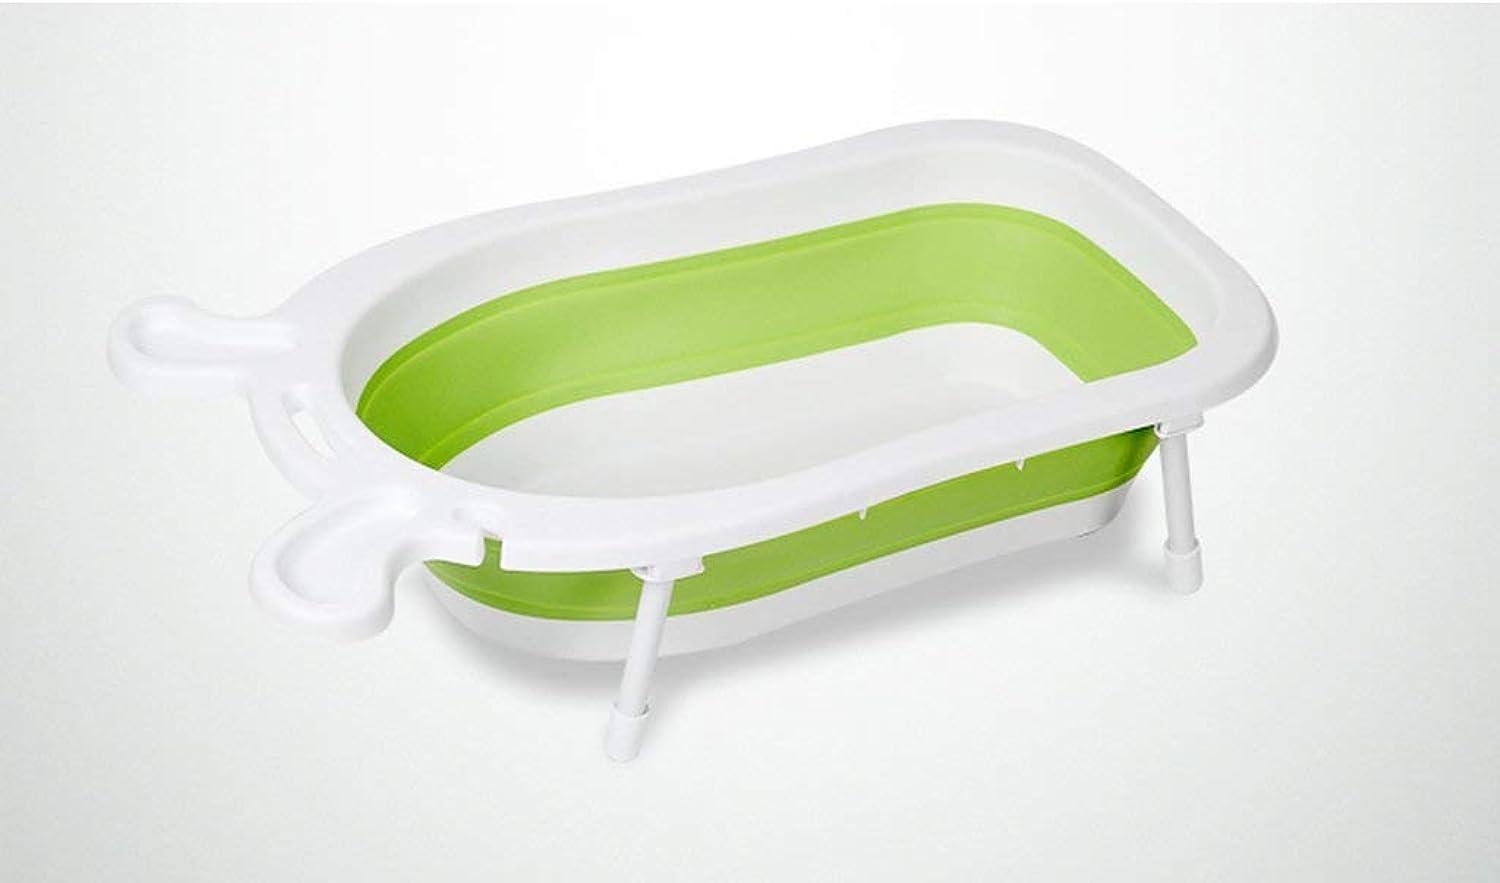 Home praktische Badewanne Babyverdickung faltende Wanne in drei Farben Badewanne (Farbe   Grün)